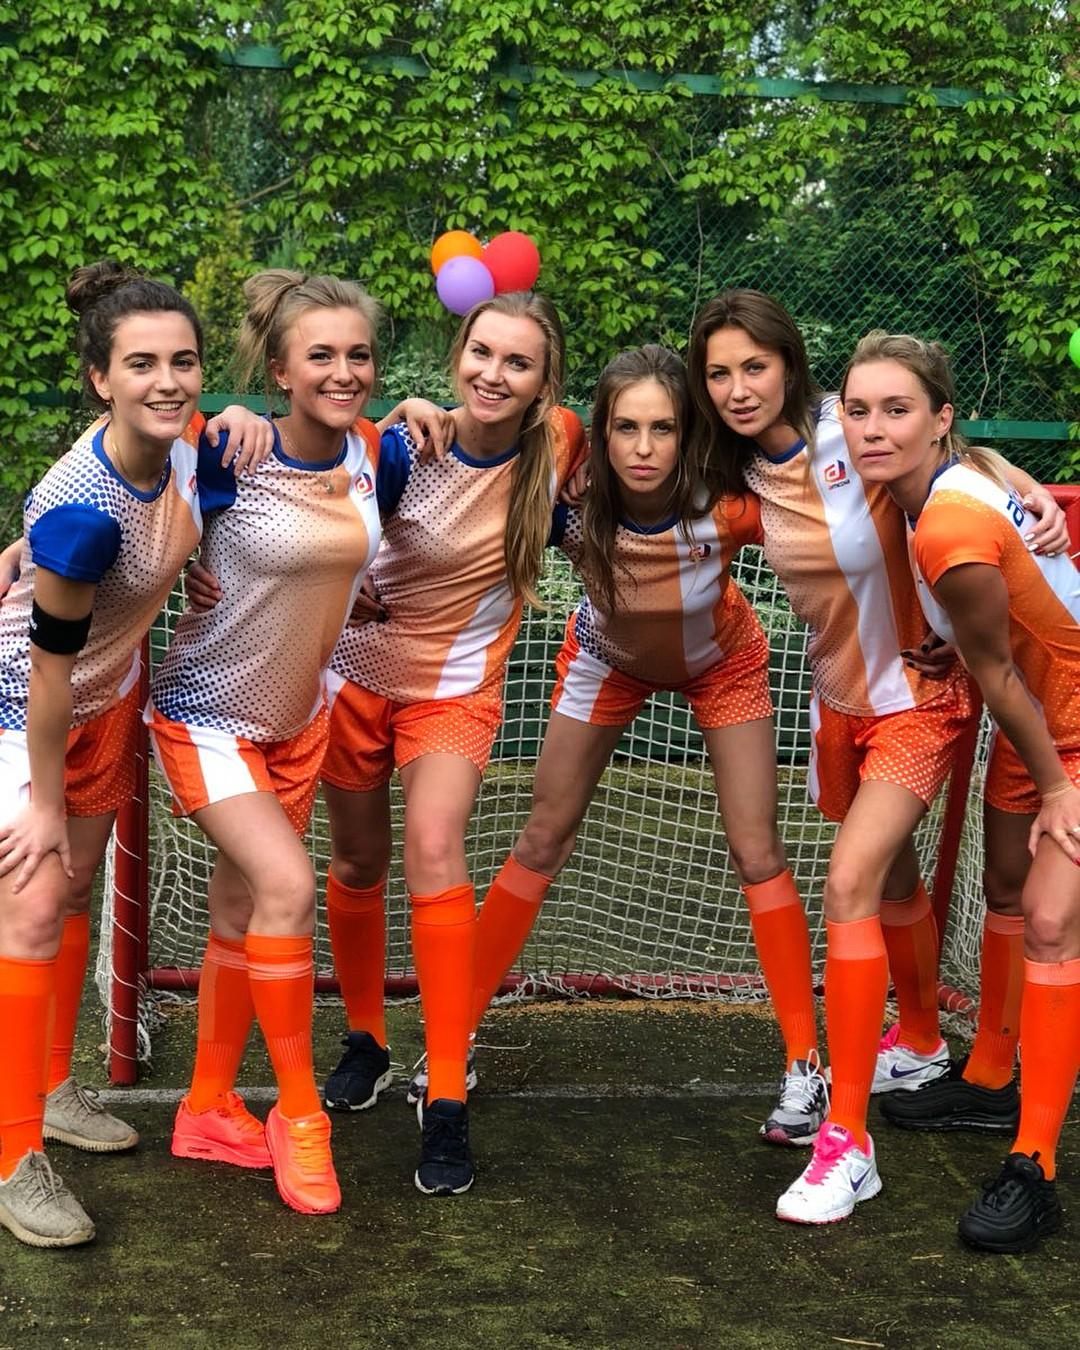 MXH Nga ngập tràn những cô nàng khoe dáng nóng bỏng chào mừng World Cup 2018 - Ảnh 6.